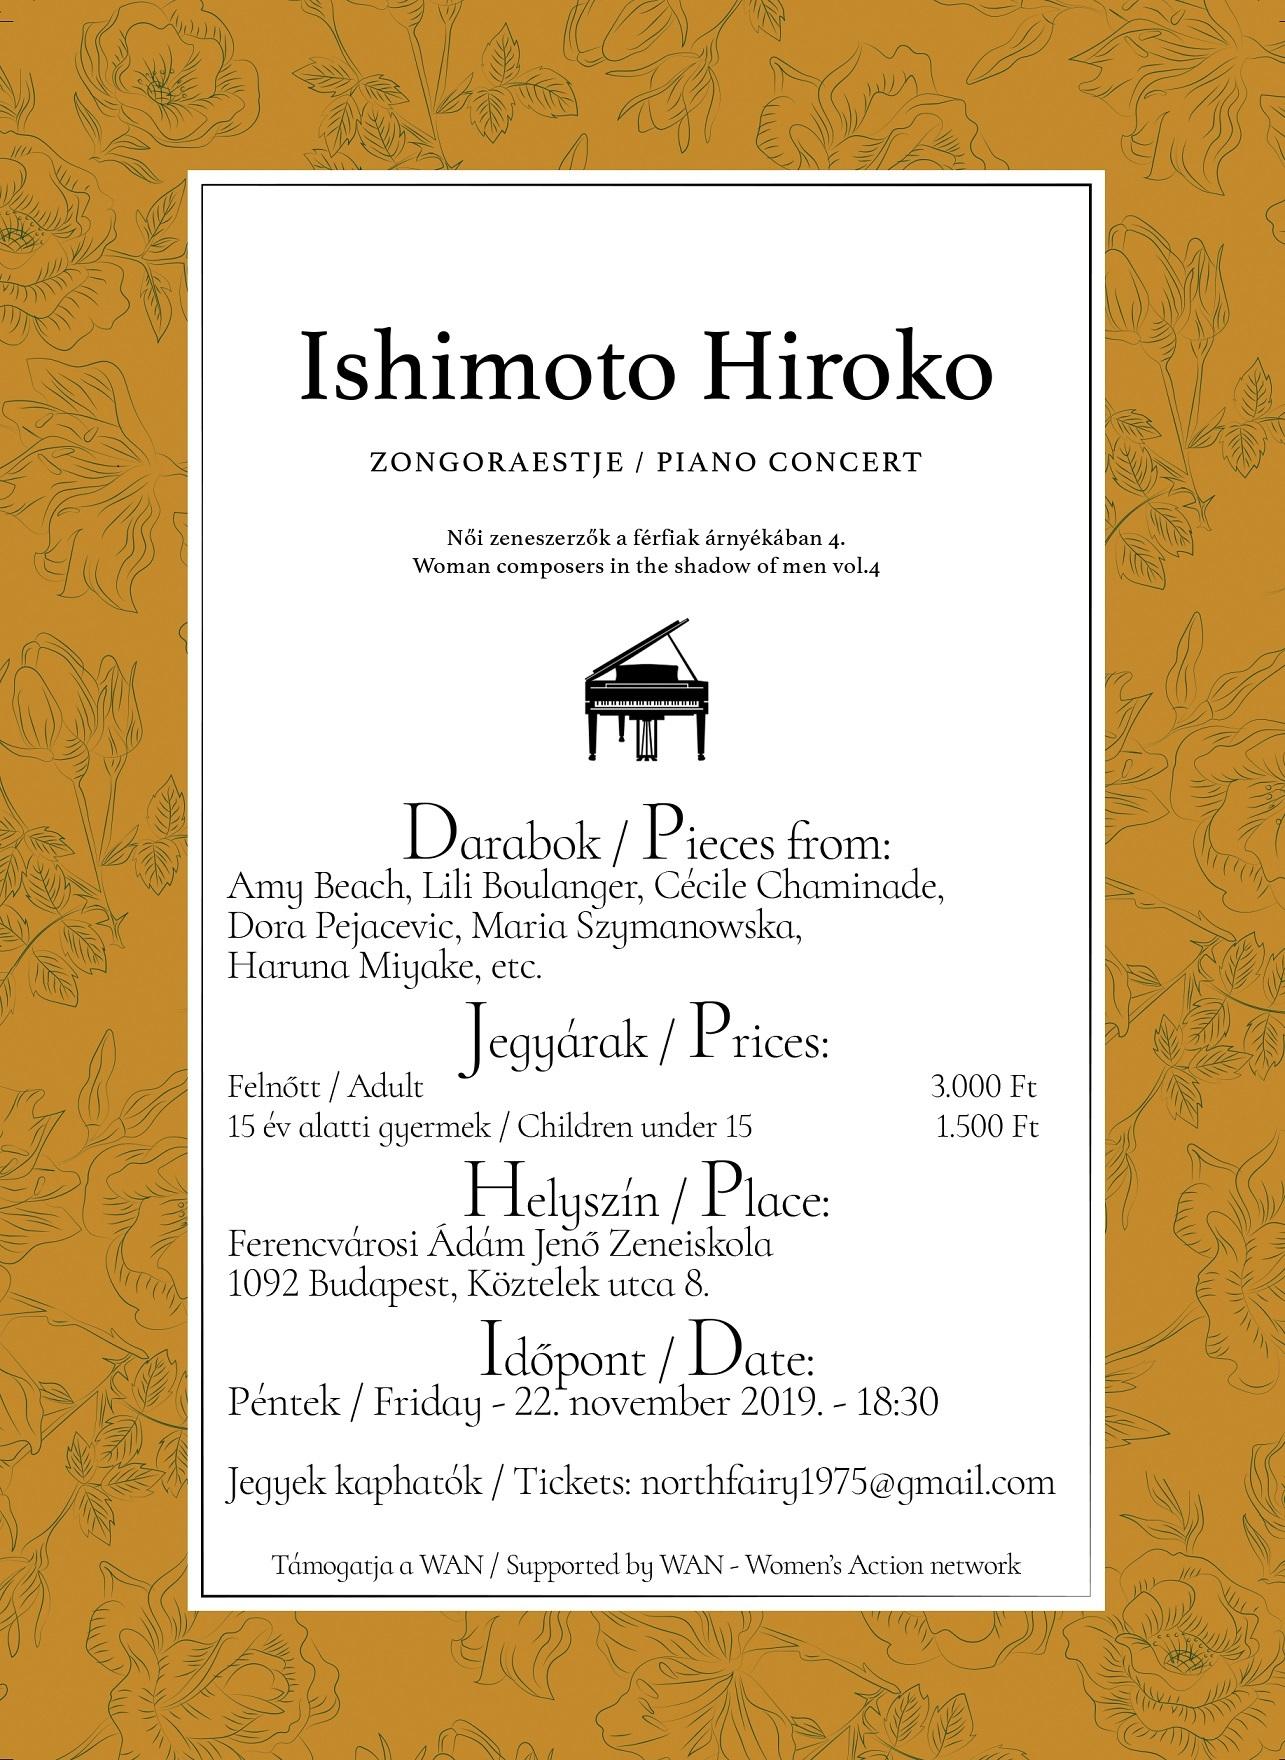 ishimotohirokoconcert-hu.jpg